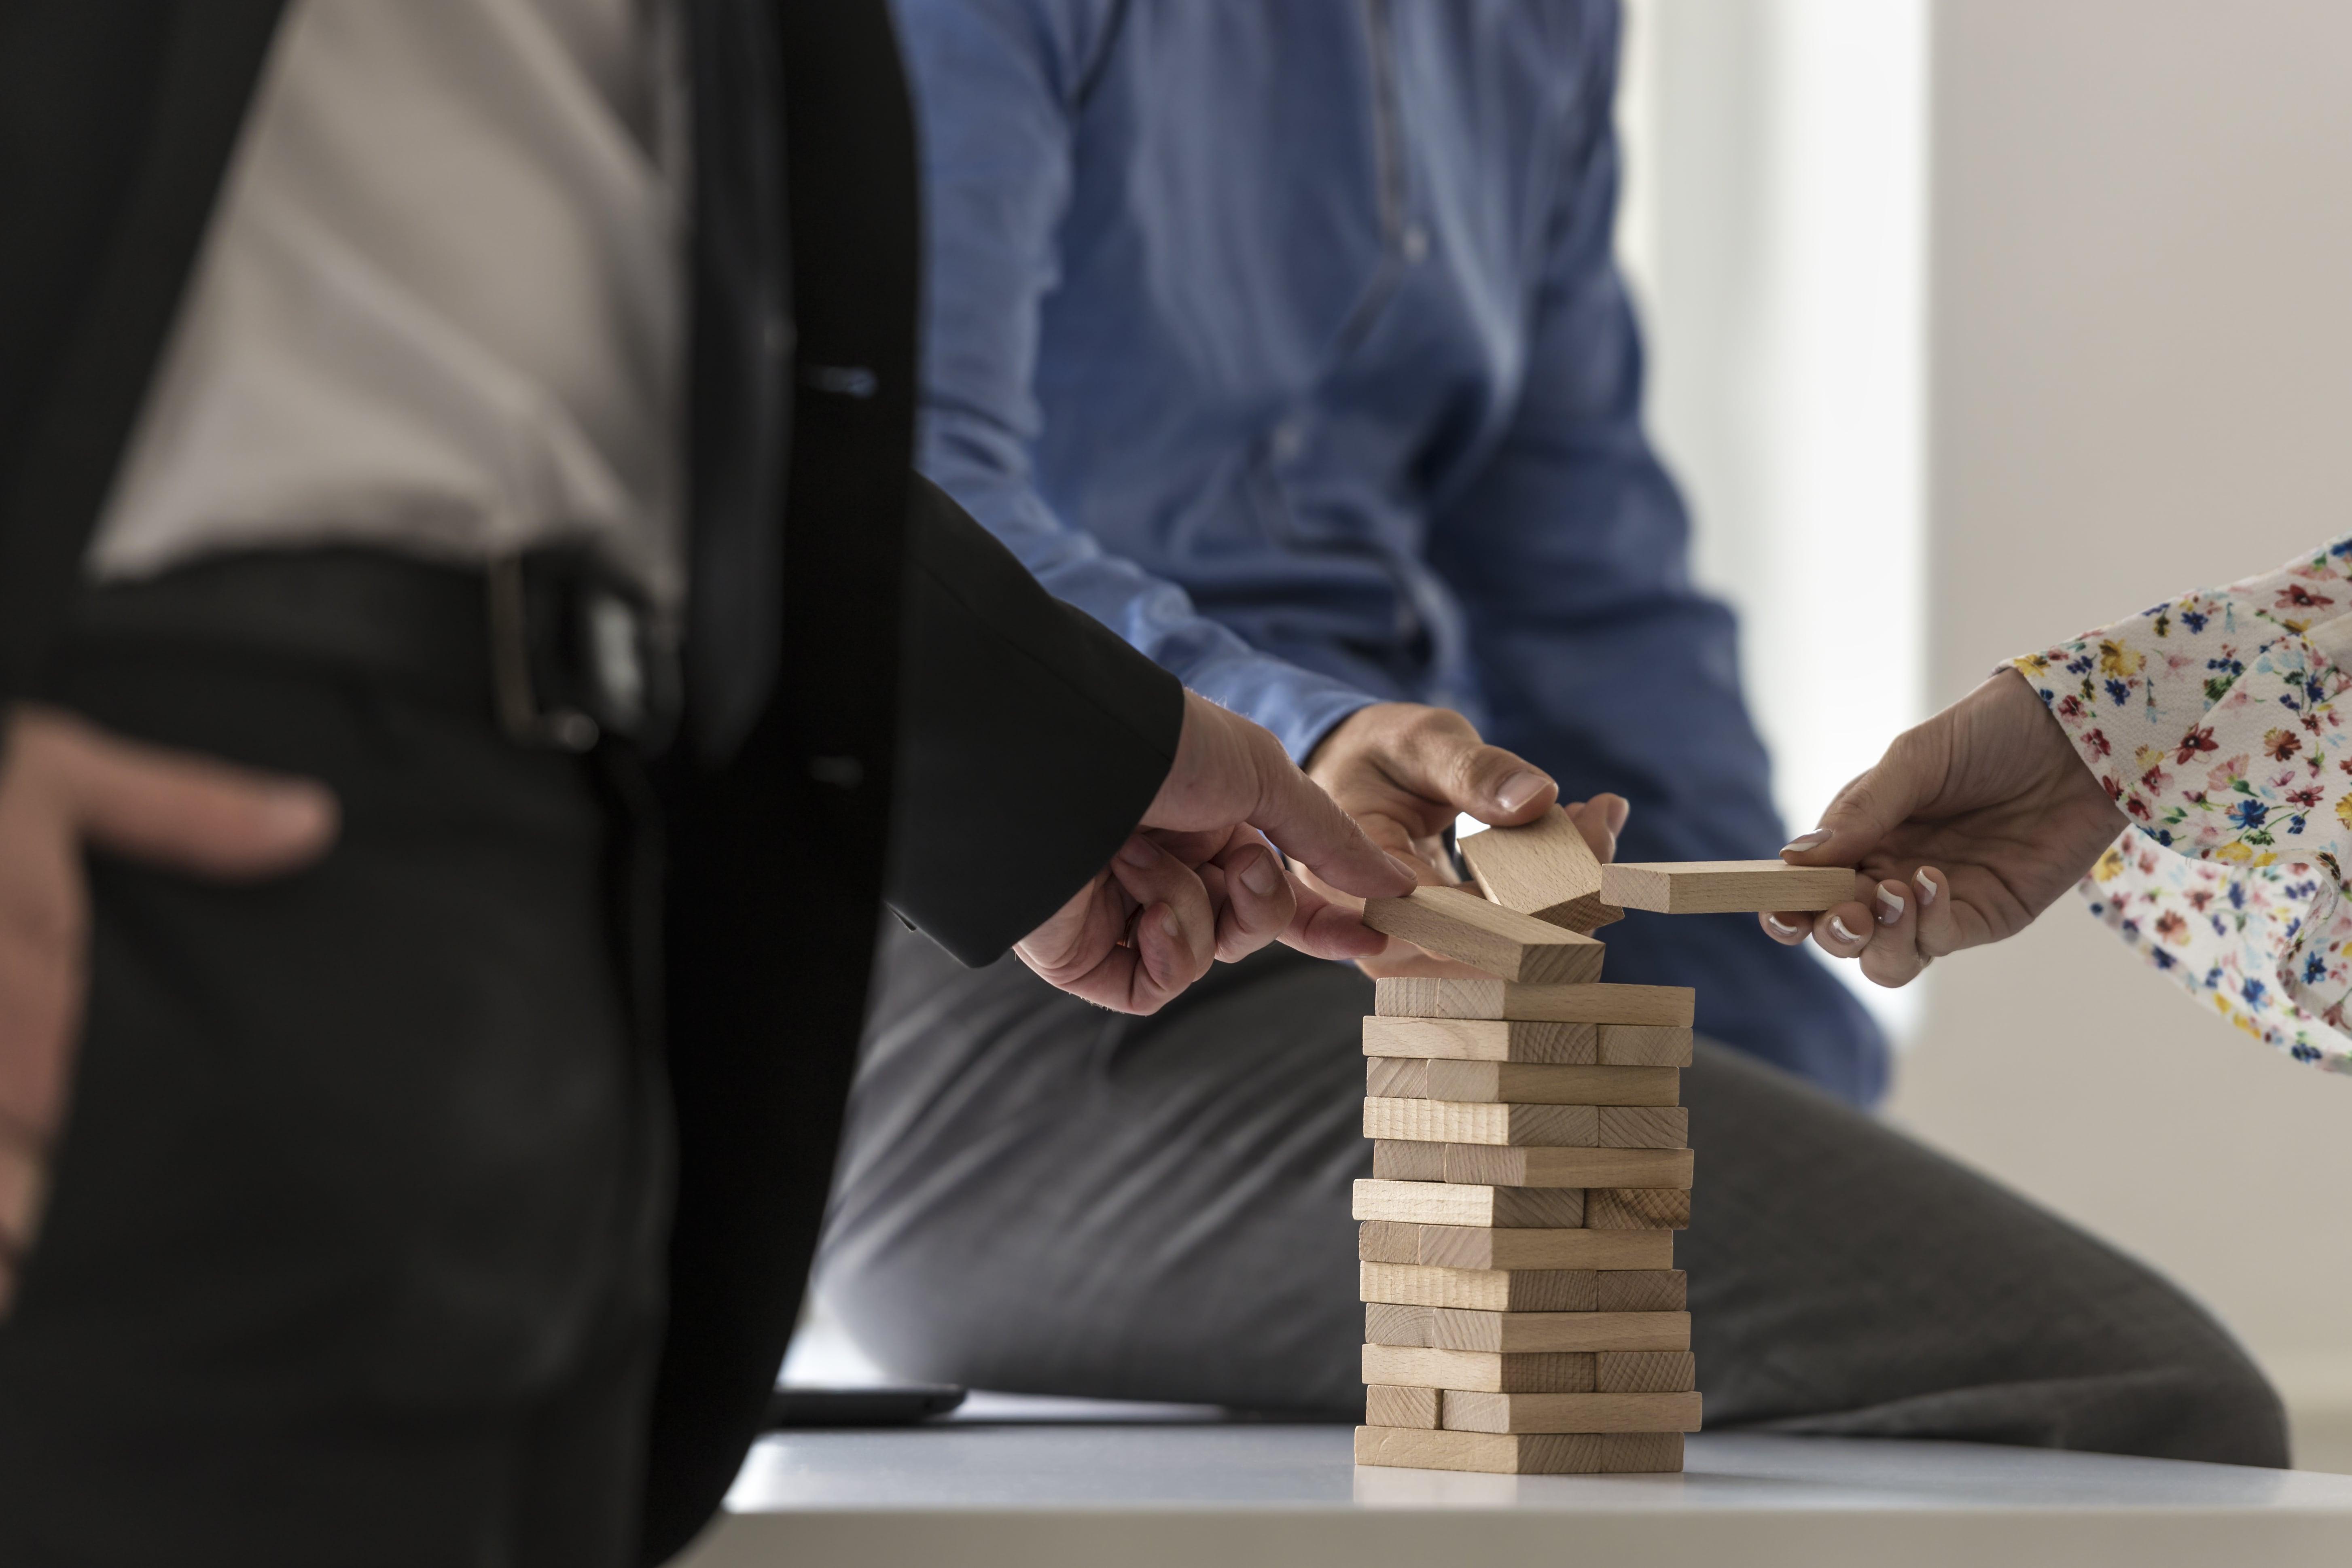 Vendas consultivas em Facilities: 4 dicas para aumentar a taxa de conversão